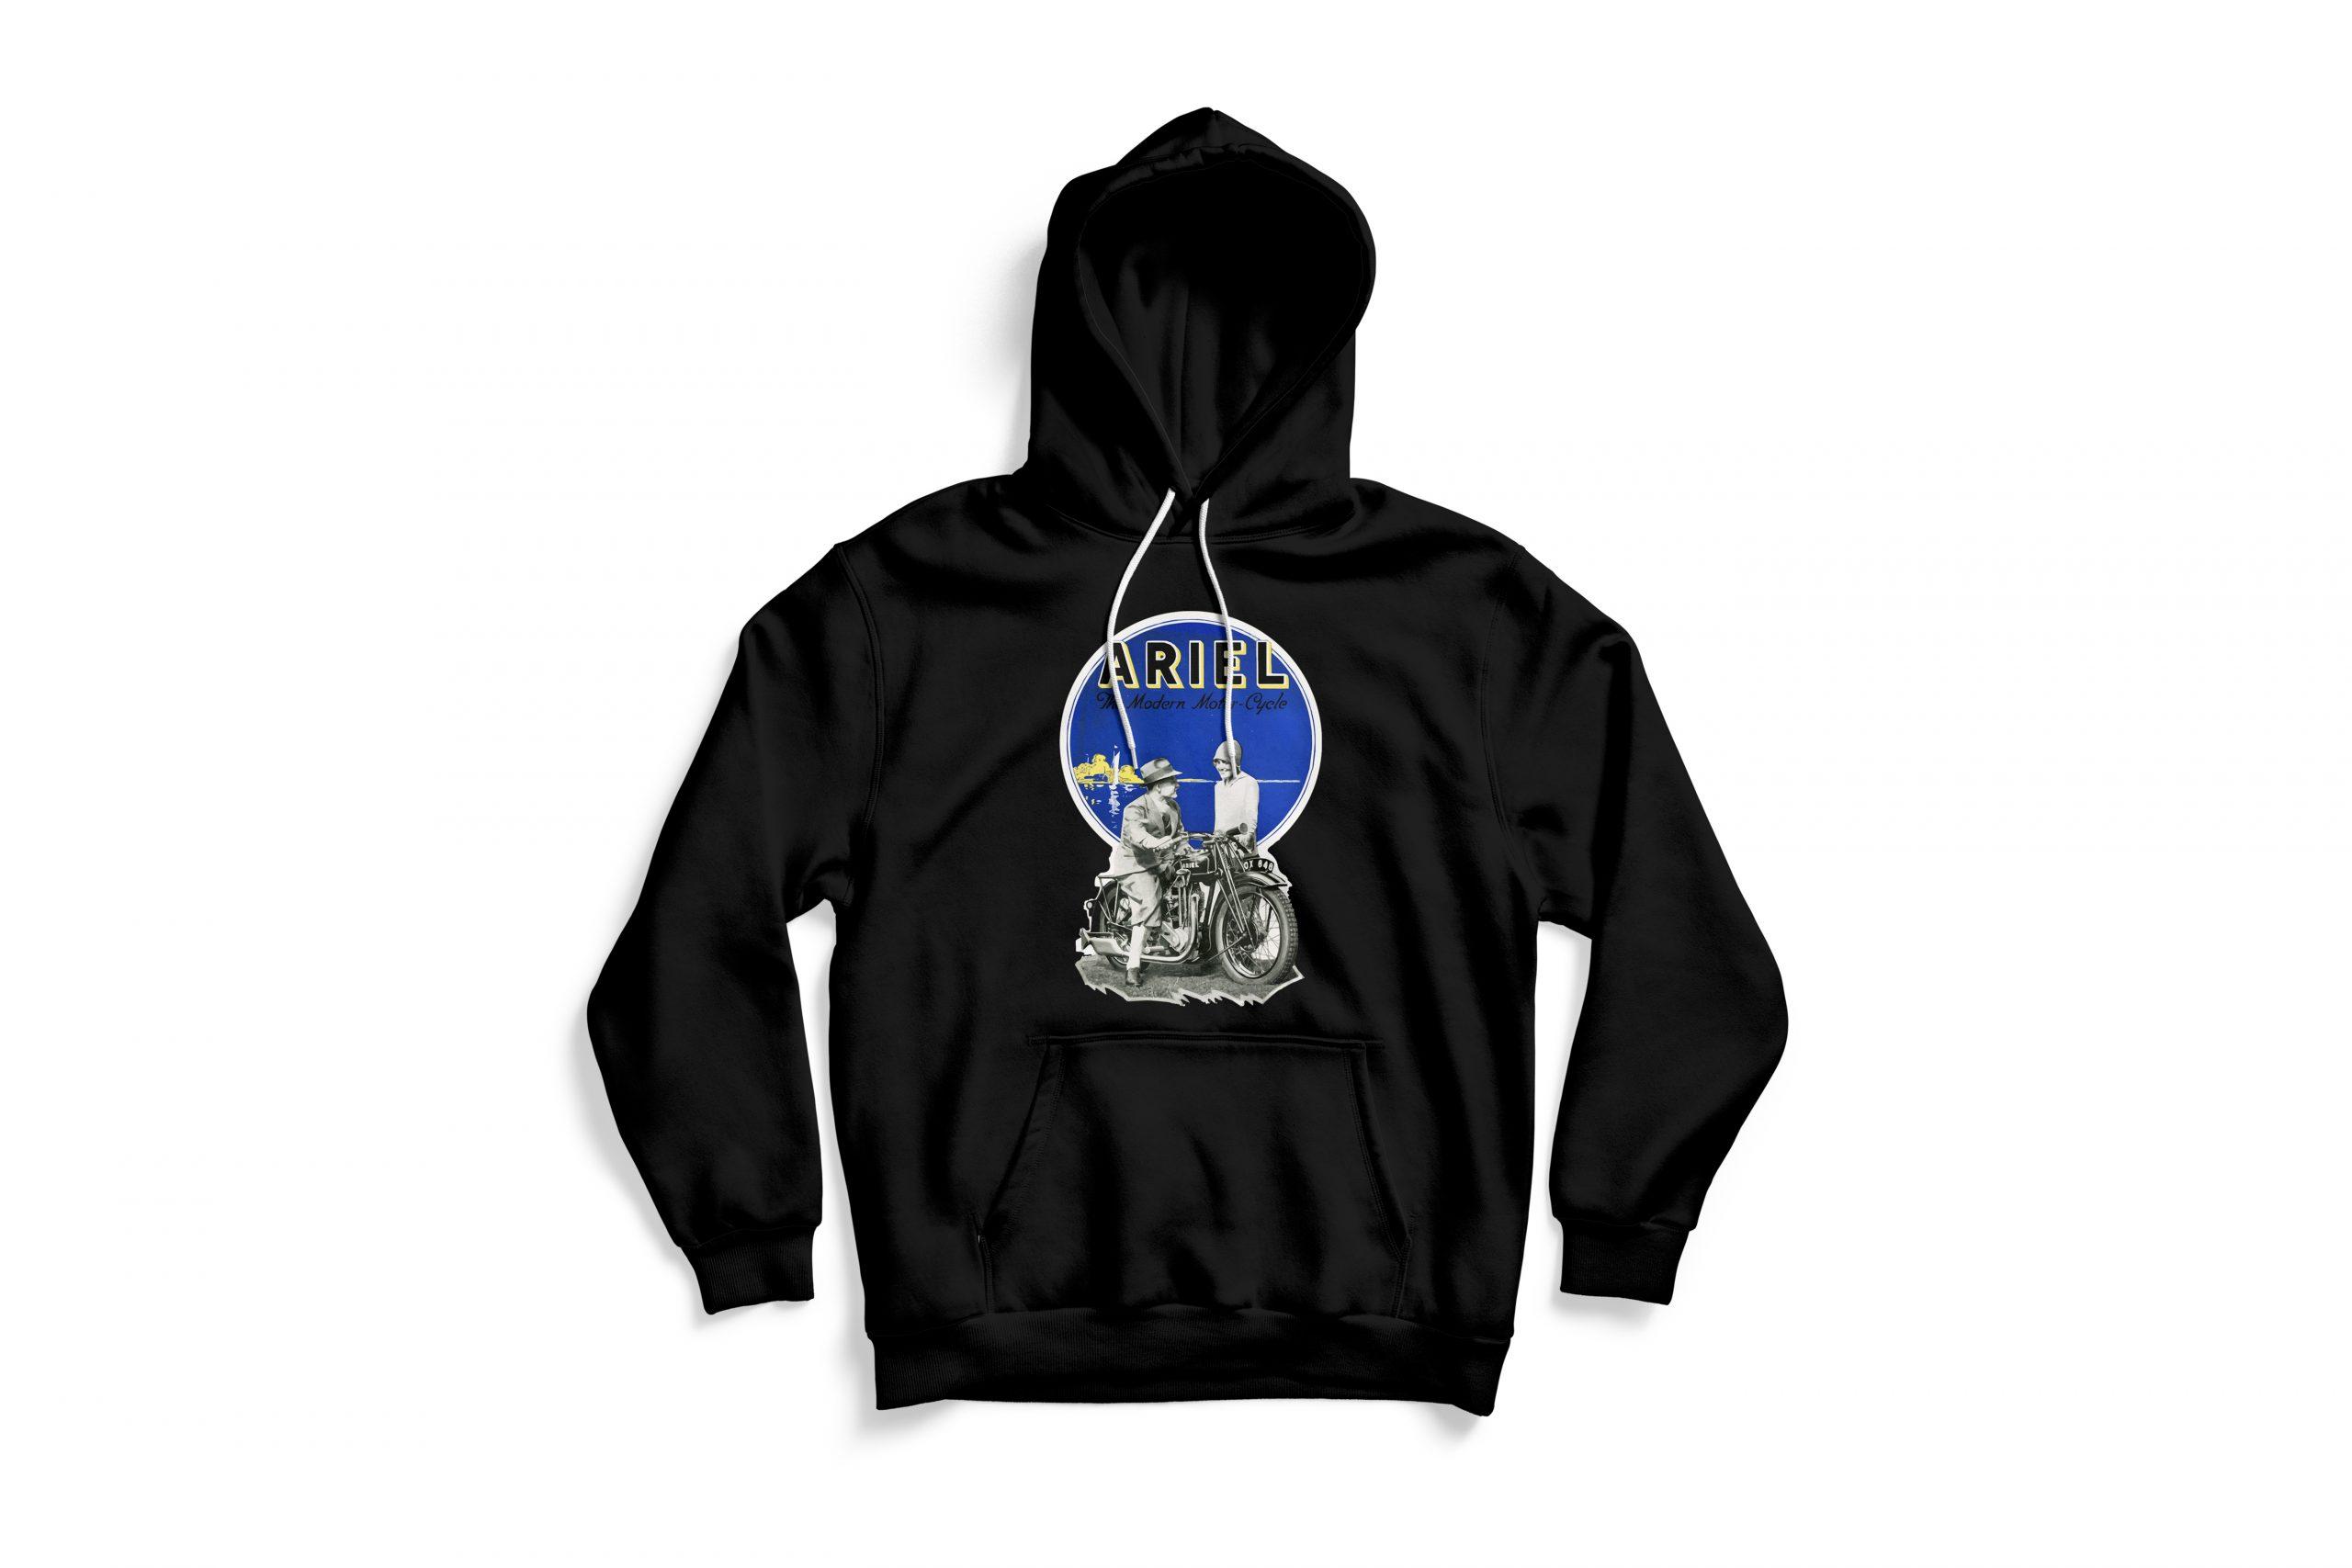 Front of black Ariel hoodie